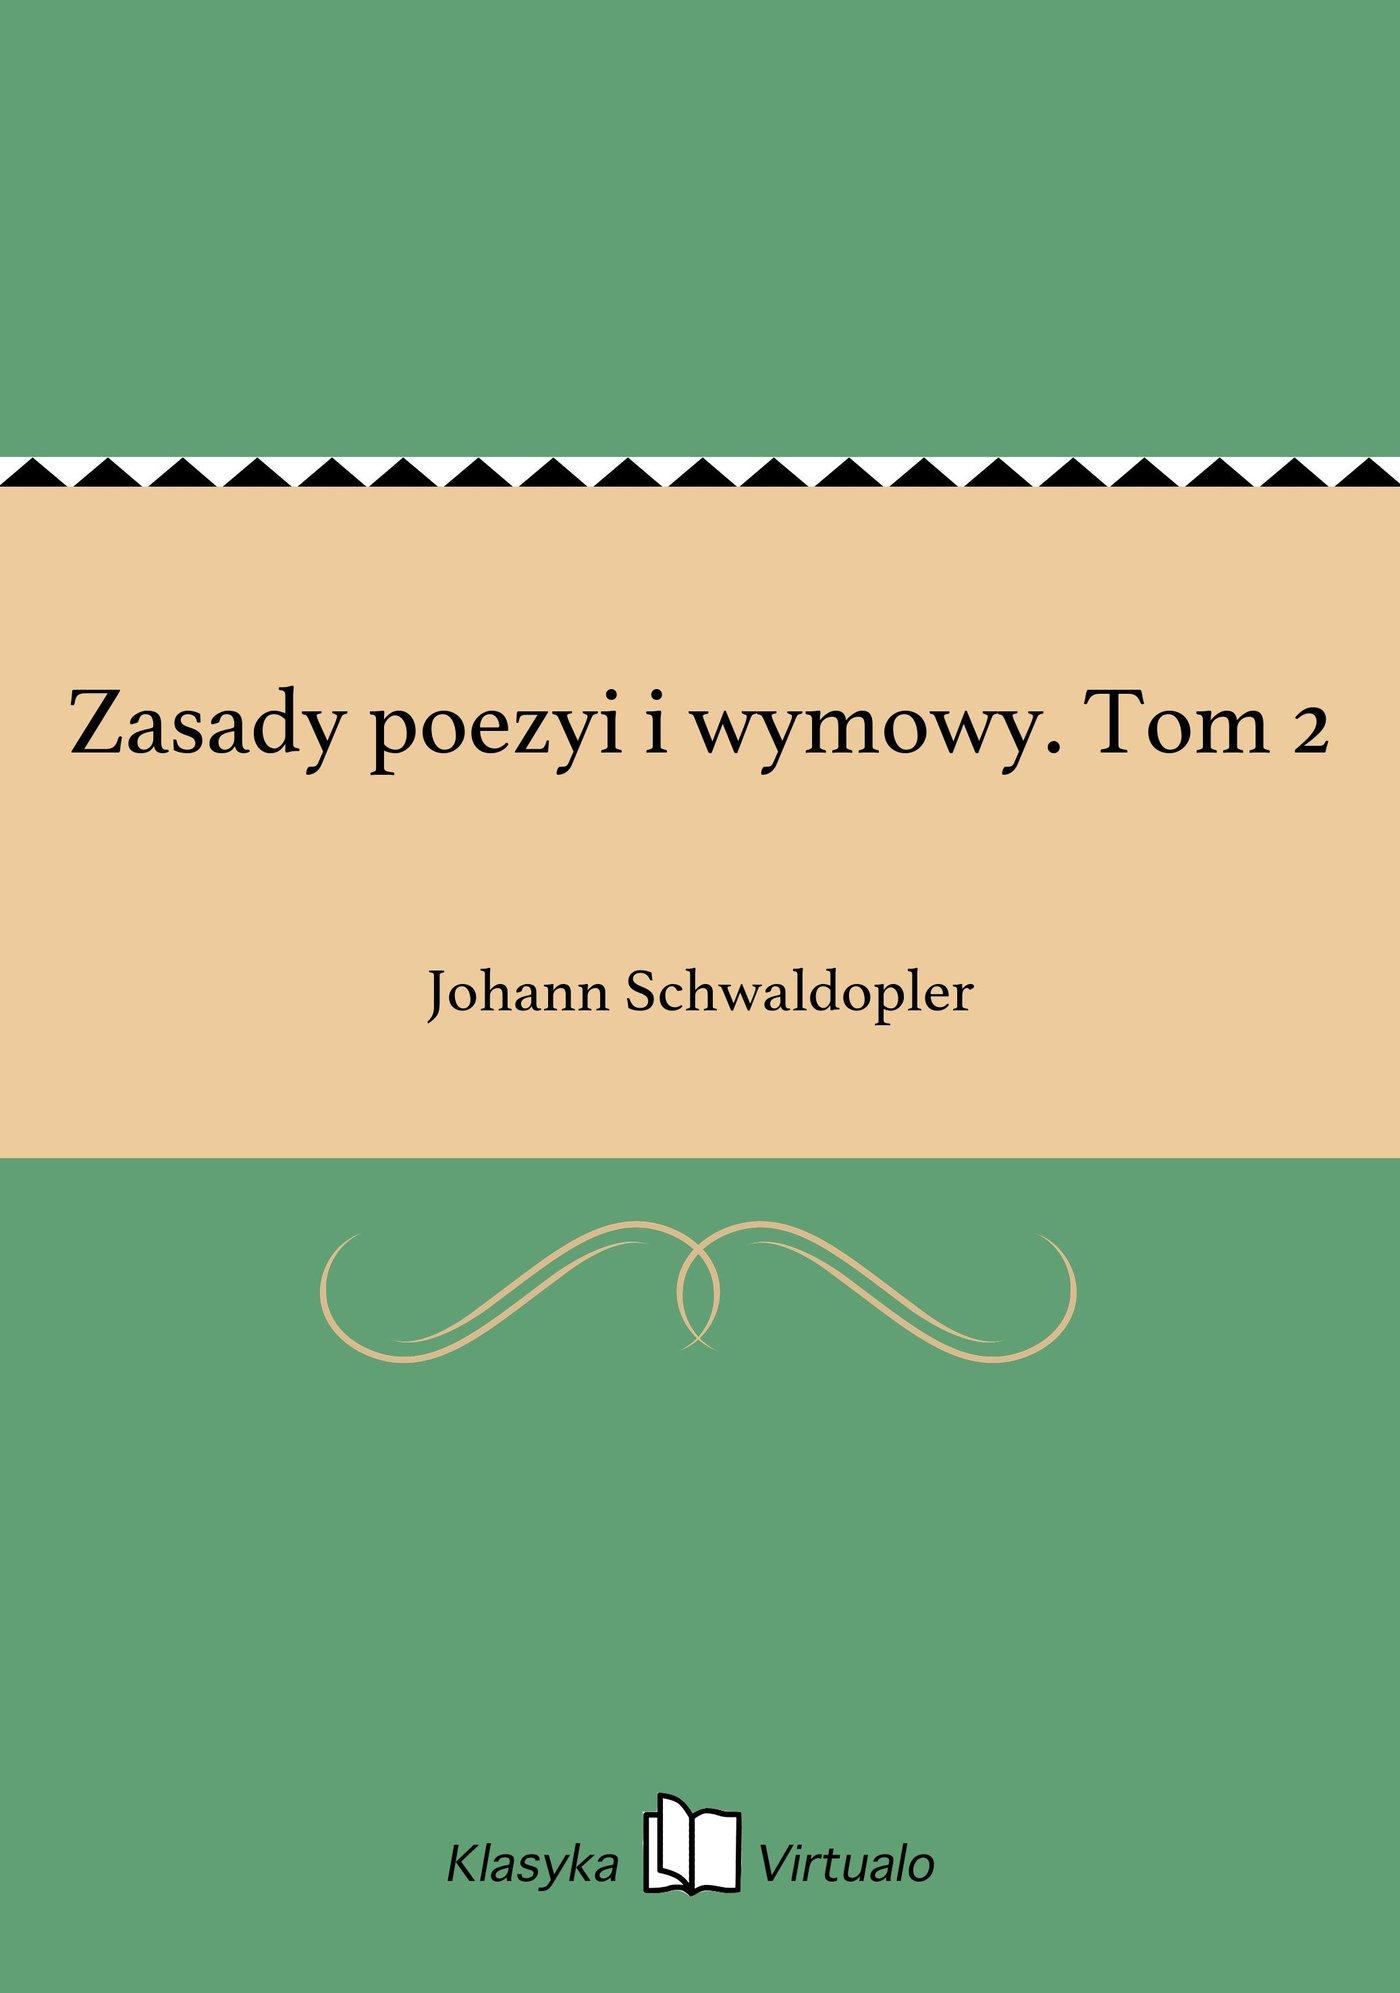 Zasady poezyi i wymowy. Tom 2 - Ebook (Książka EPUB) do pobrania w formacie EPUB